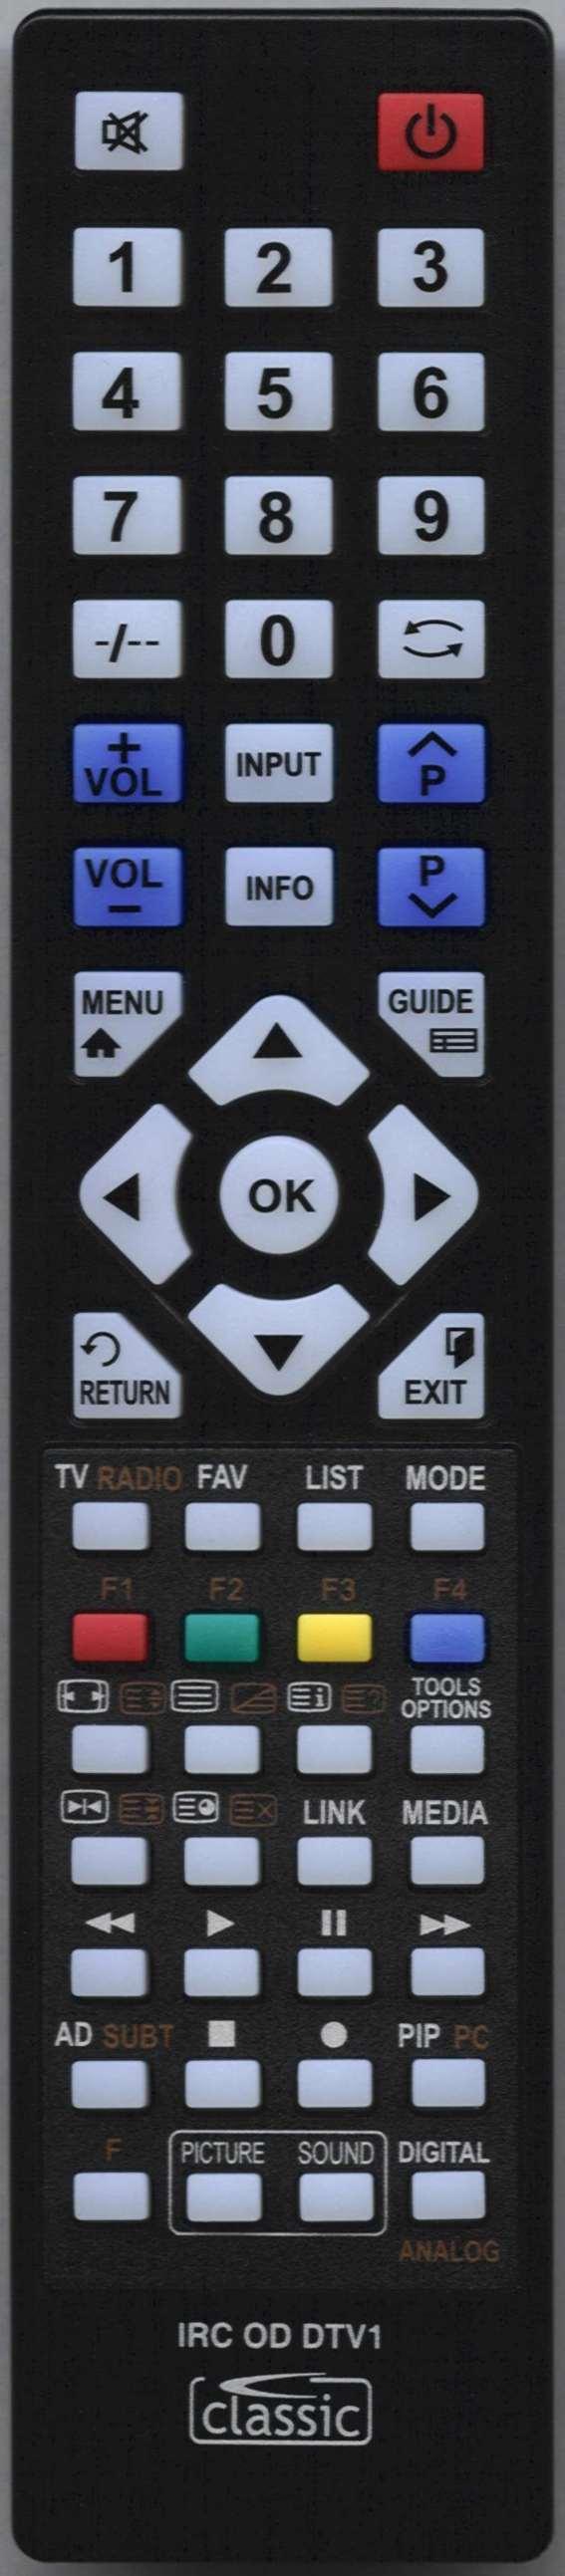 LG 32LC2D Remote Control